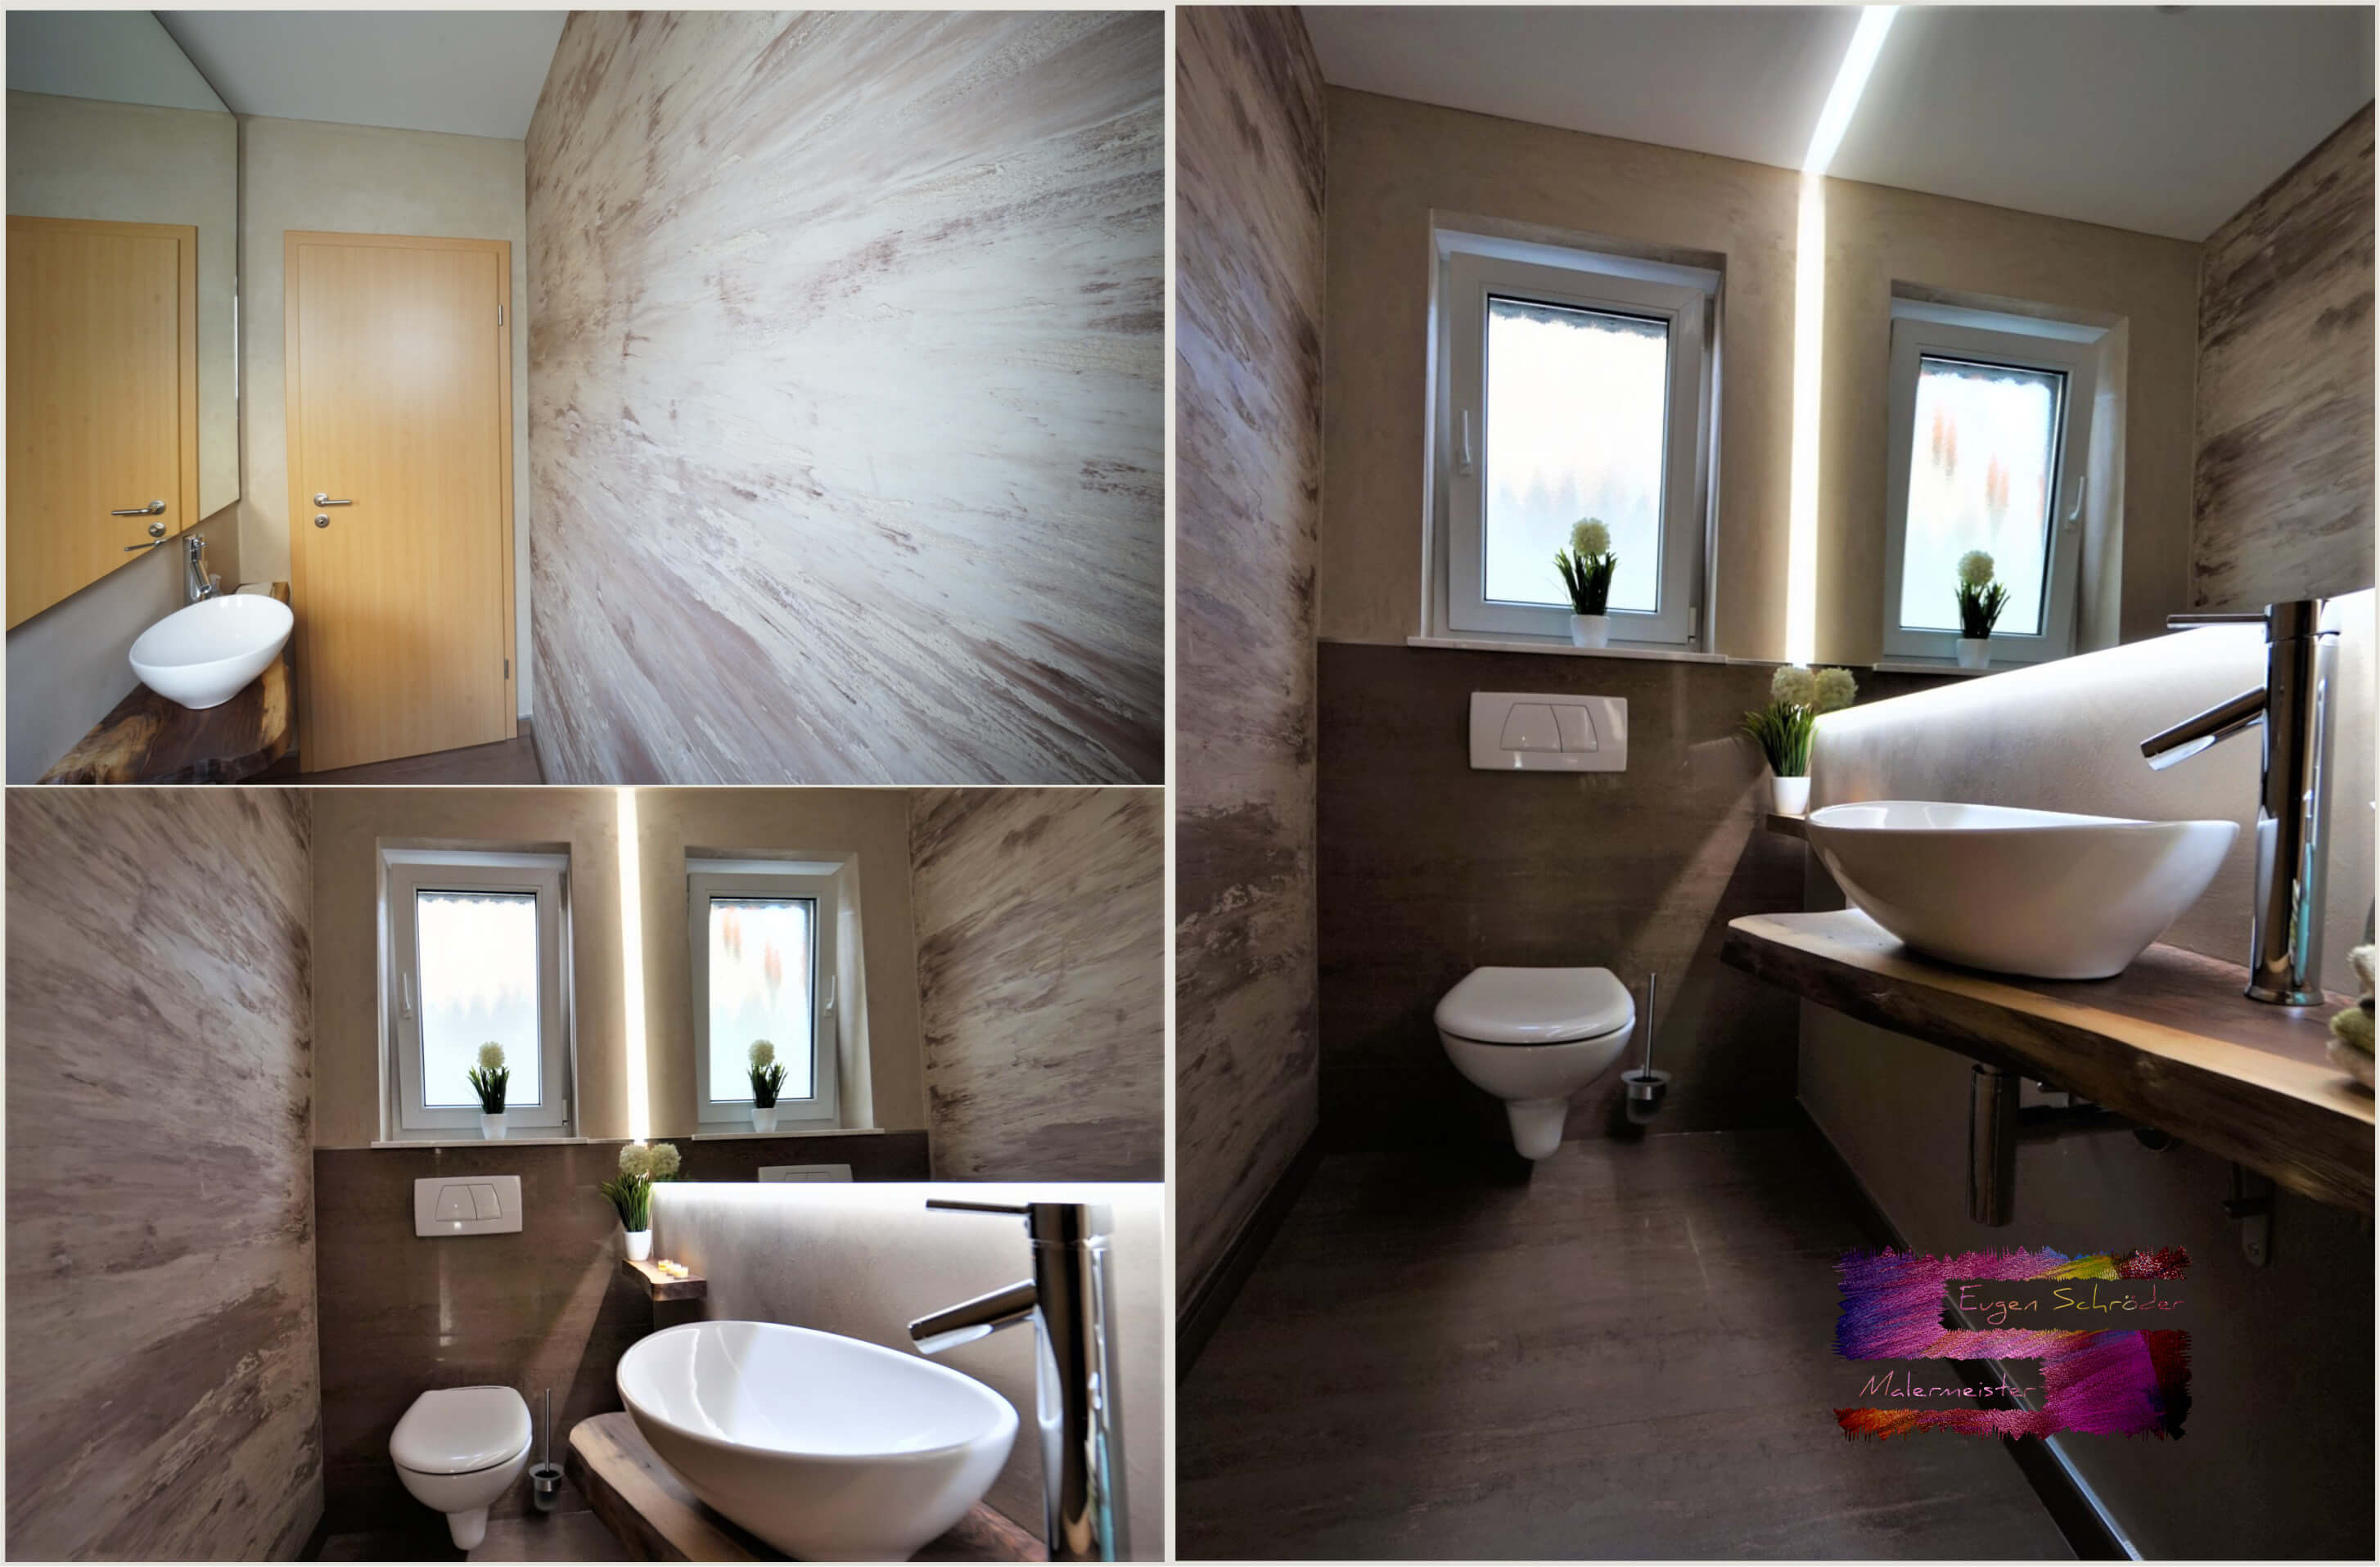 Bemerkenswert bilder fliesen rostoptik ideen wohndesign - Fliesen rostoptik ...